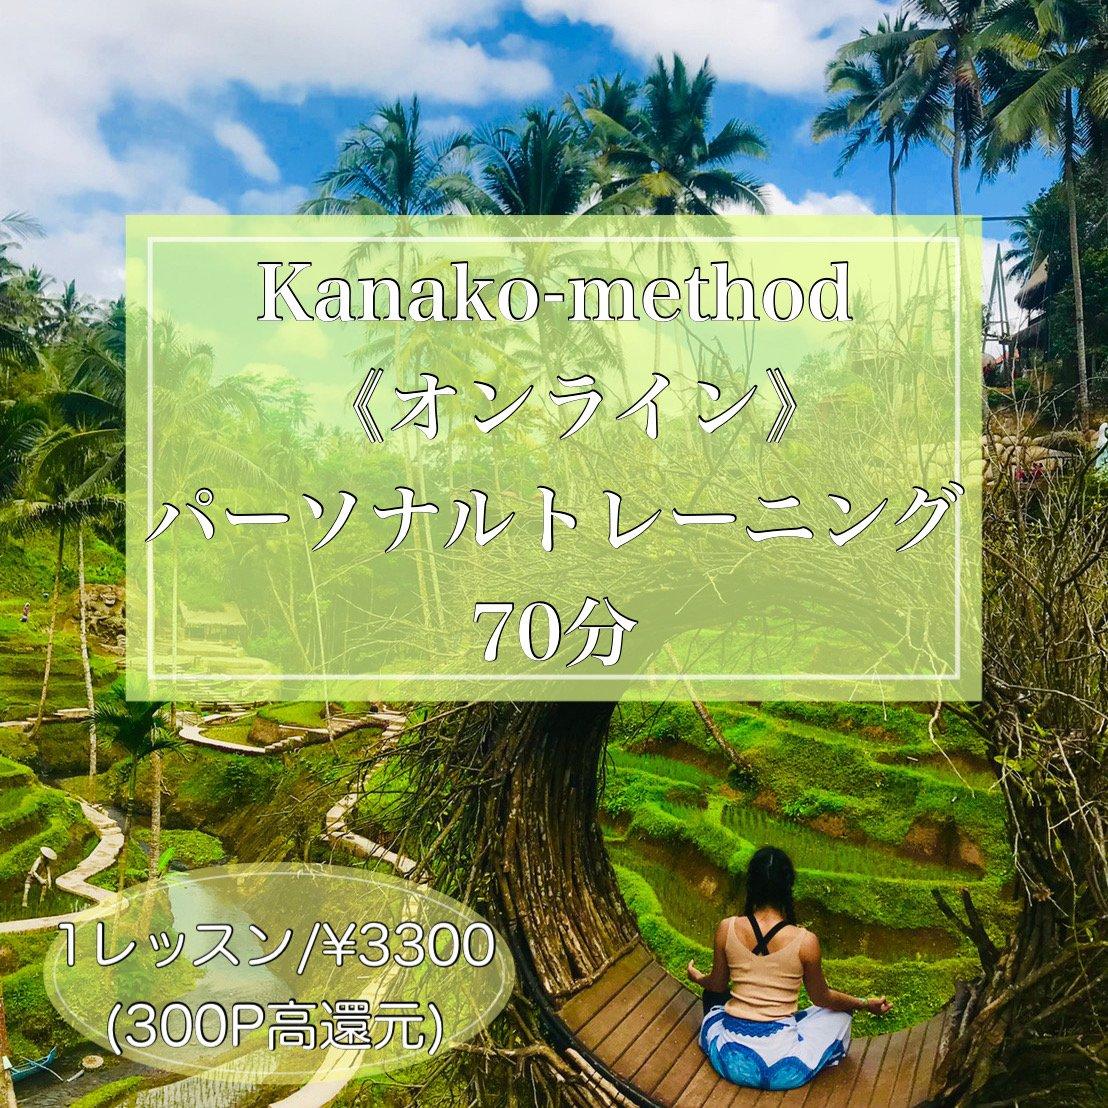 【オンライン】Kanakoメソッド/パーソナルトレーニング70分《高ポイント還元》のイメージその1